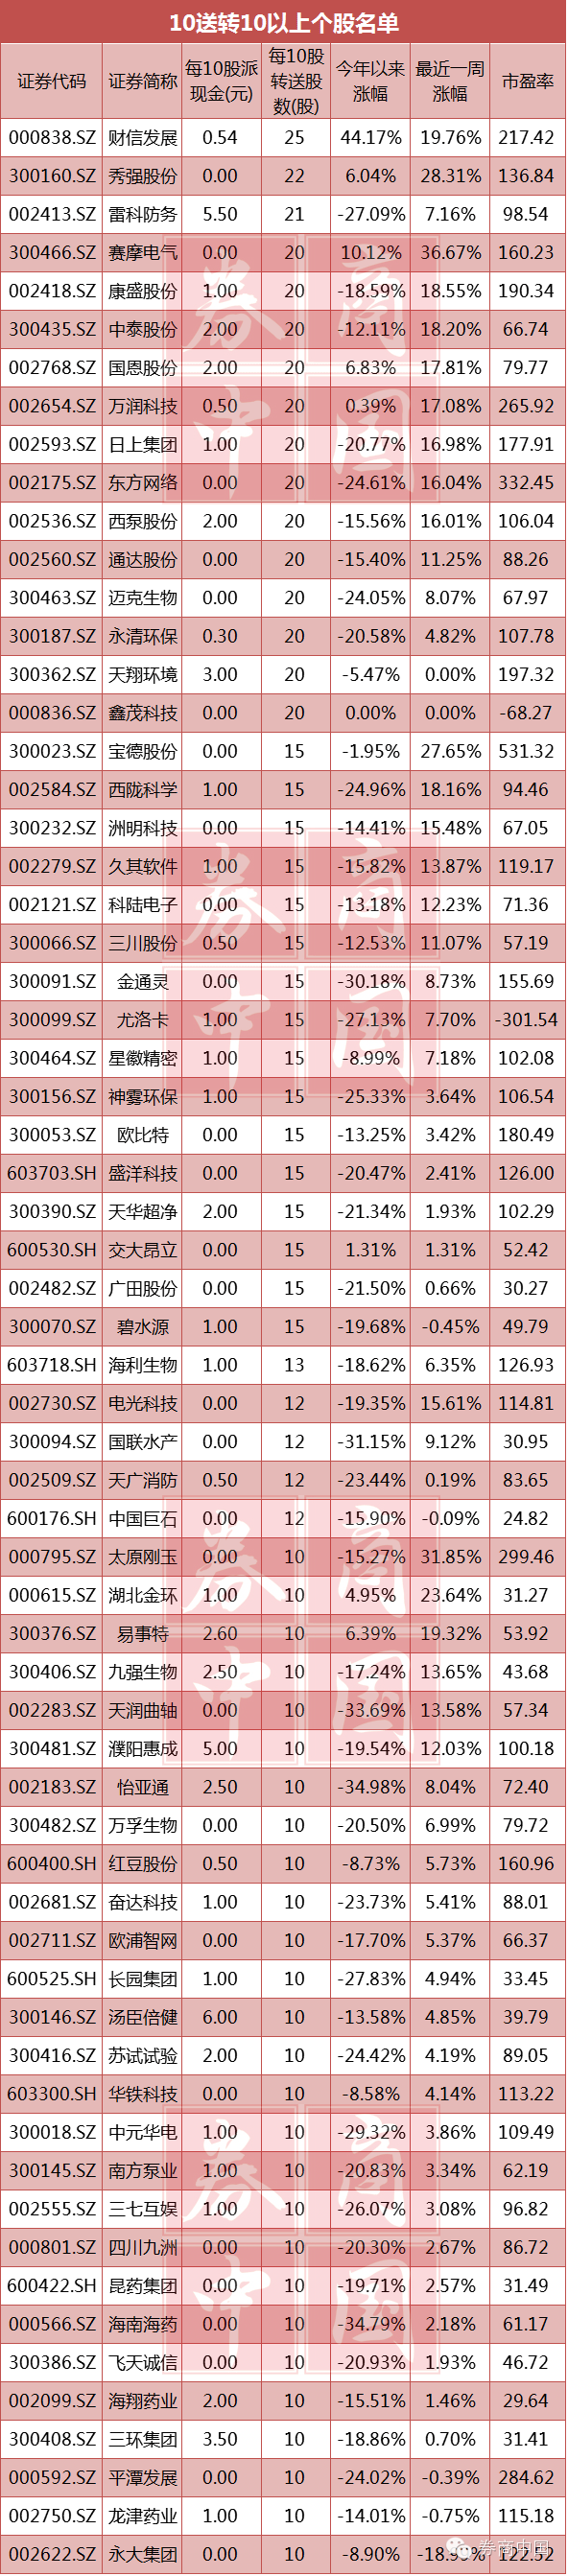 其中,10送转20的赛摩电气在过去一周获得了36.67%涨幅,过去一周涨幅最高。此外,10送转10股的太原刚玉、10送转22股的秀强股份、10送转15股的宝德股份也分别获得31.85%、28.31%和27.65%的股价涨幅。